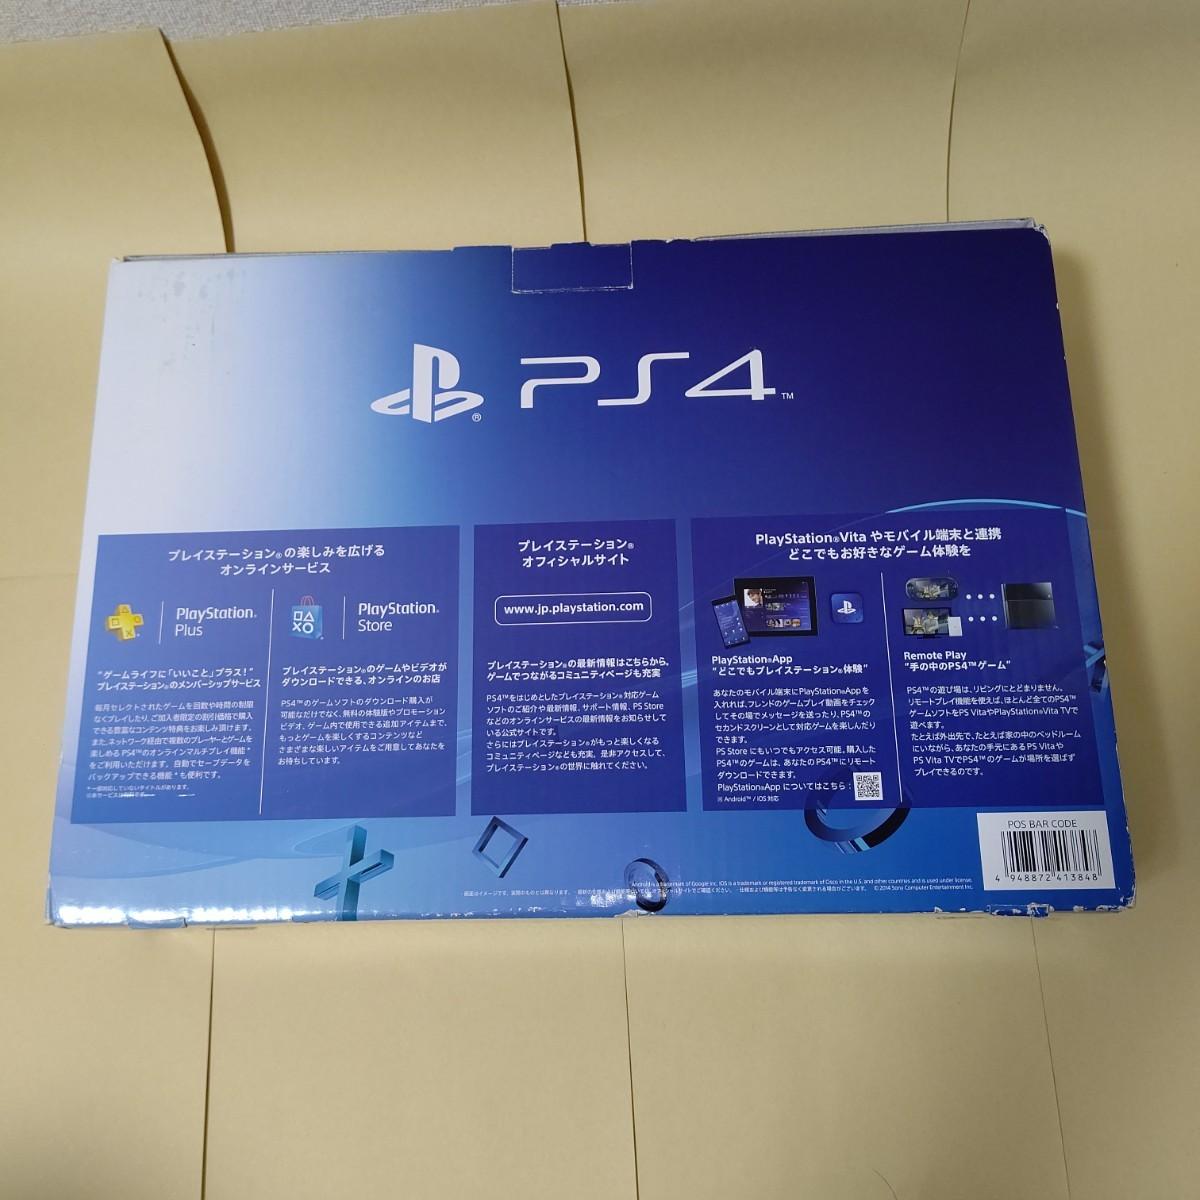 PlayStation 4 本体 PS4 500GB CUH-1000AB01